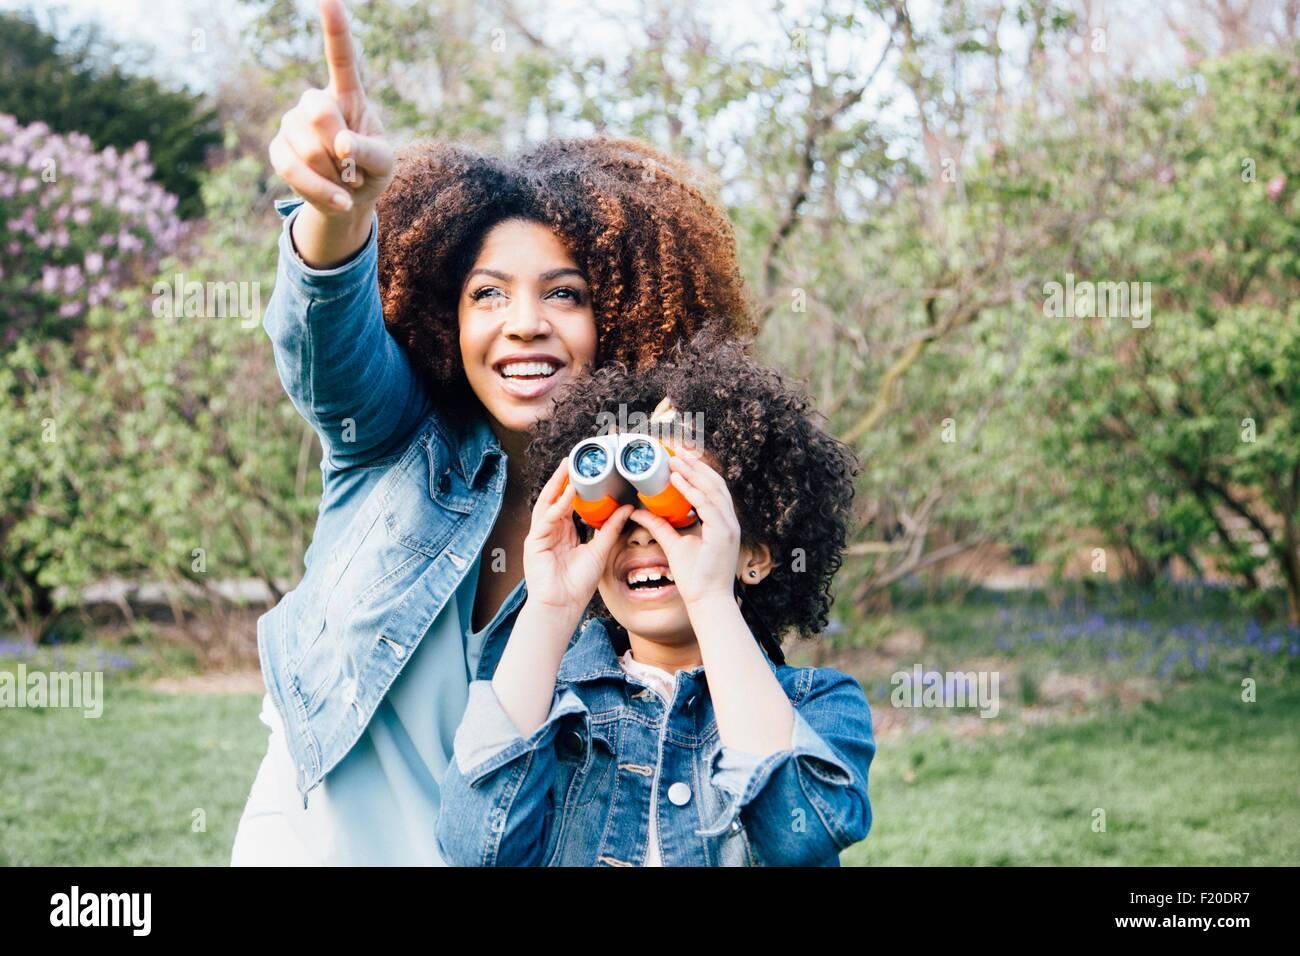 Madre e hija utilizando binoculares, mirando hacia arriba, apuntando Imagen De Stock